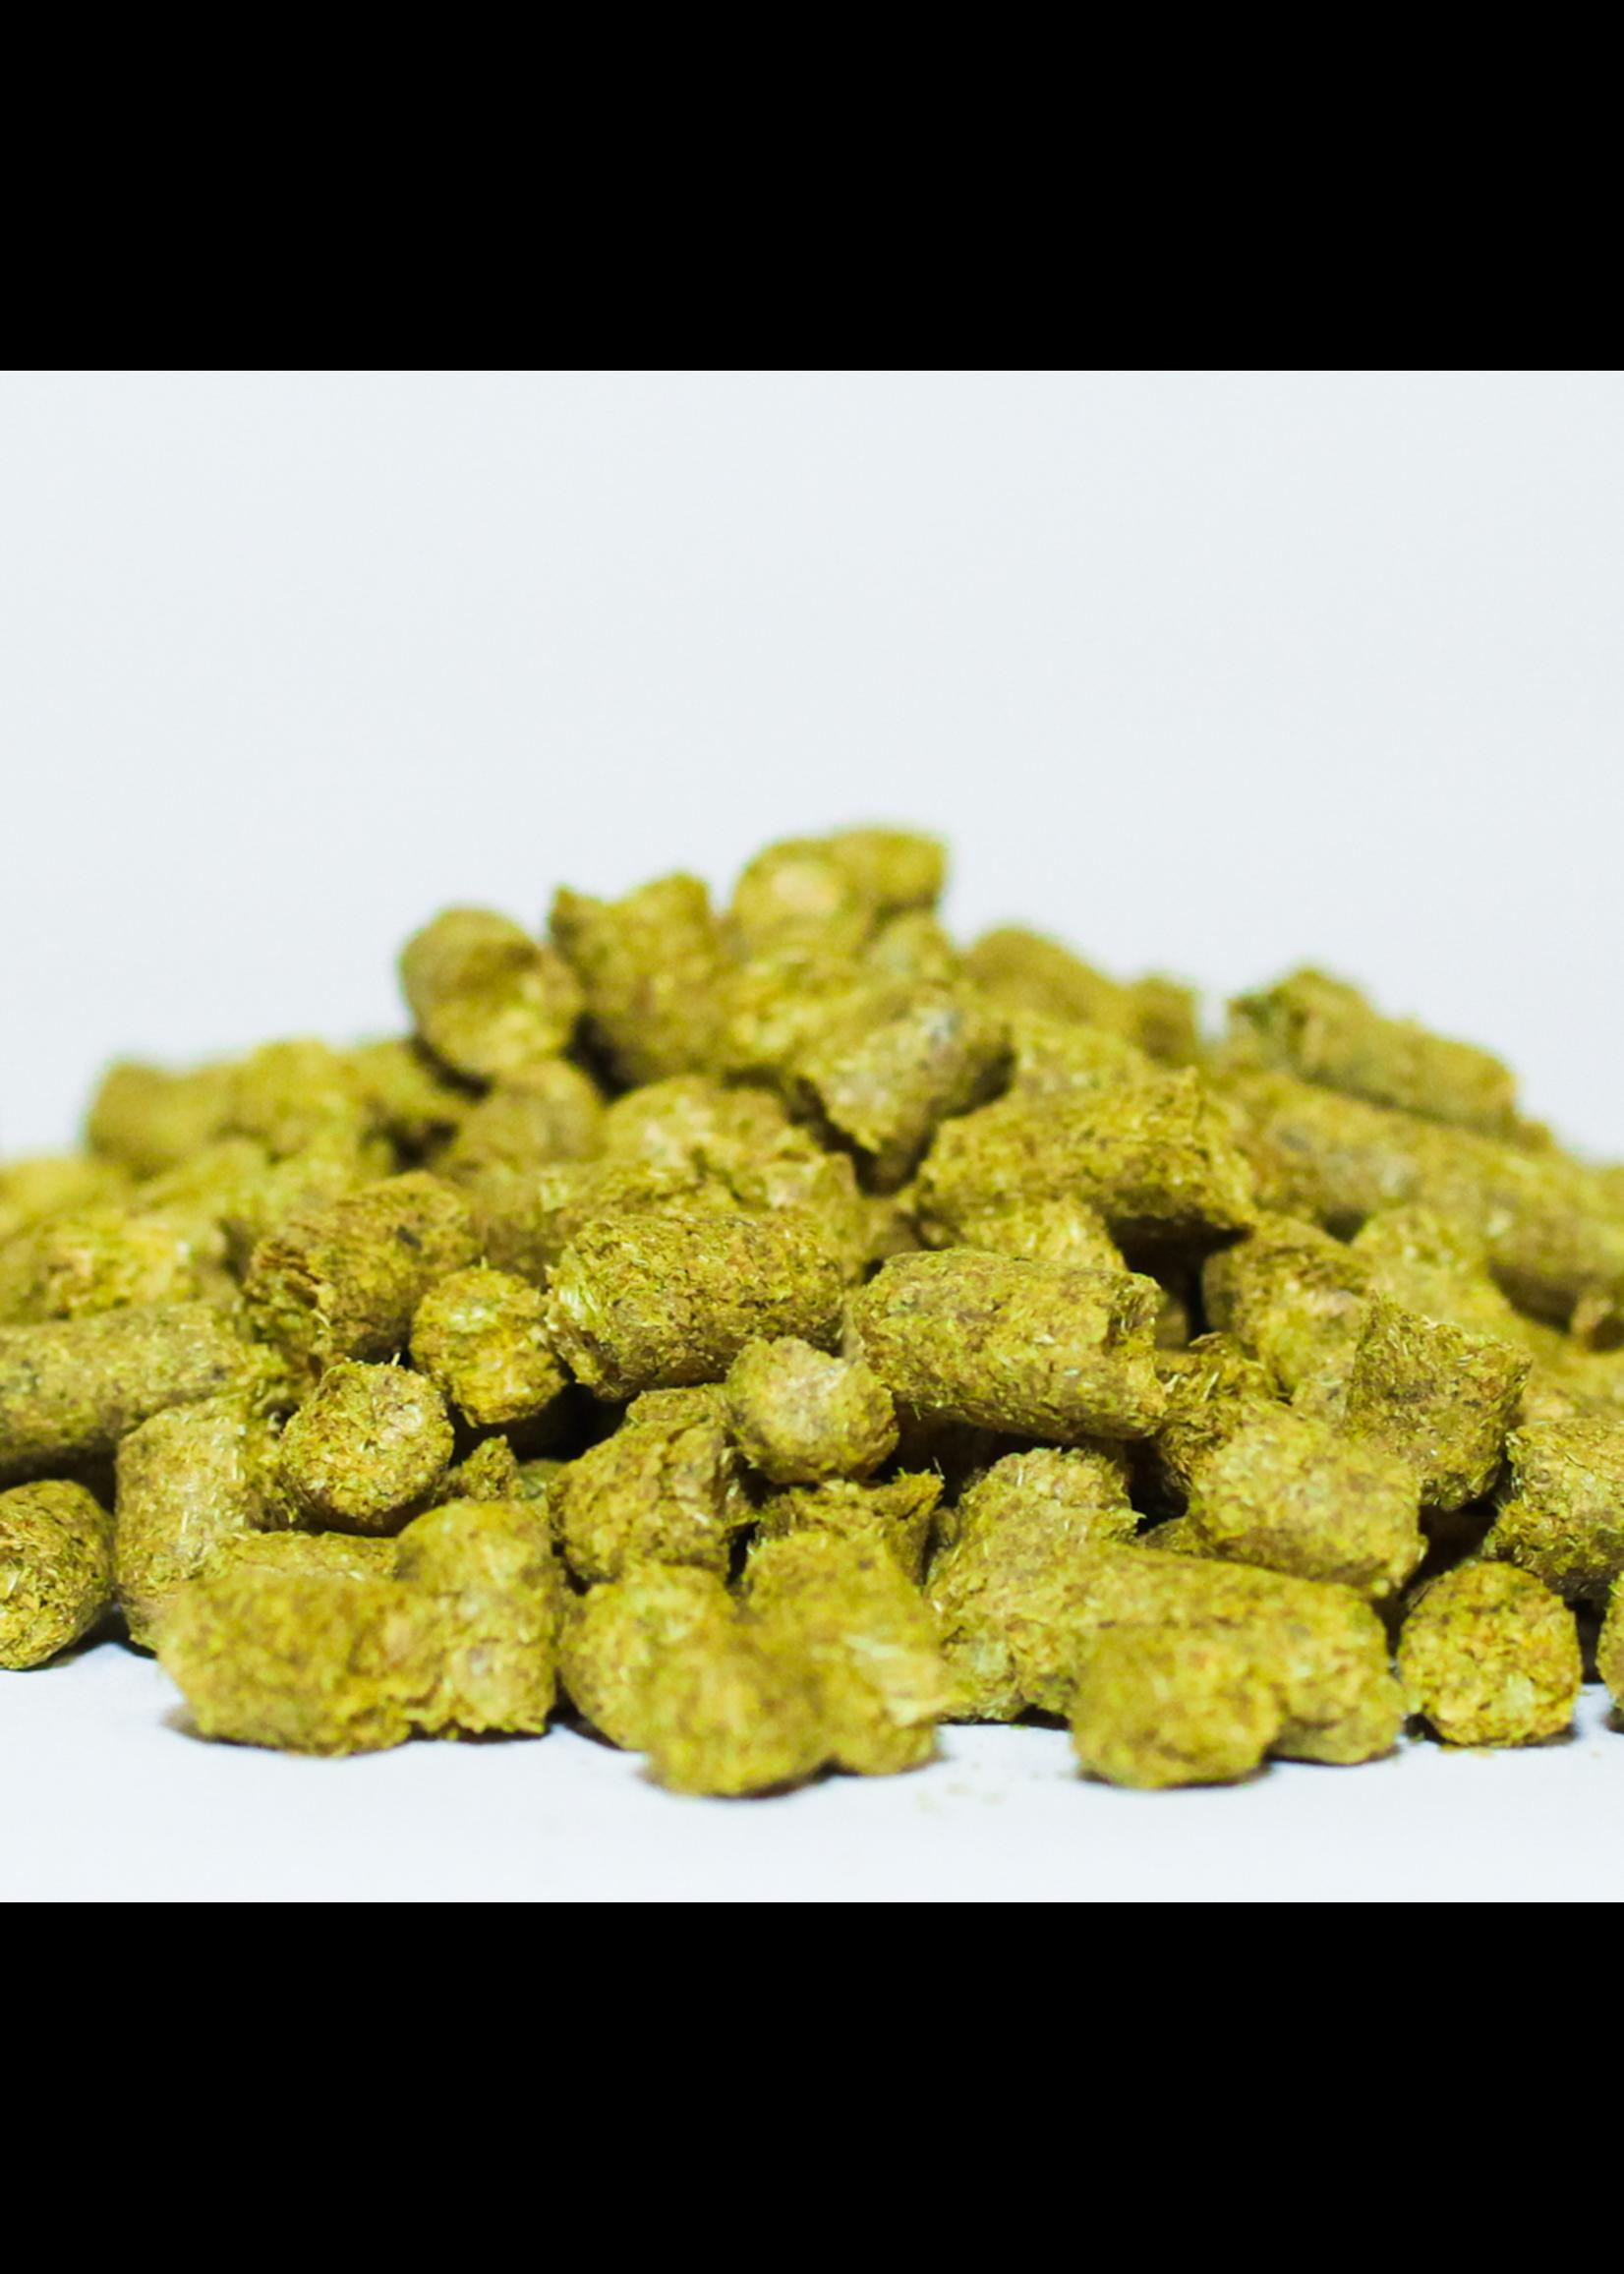 Hops Citra Hops (US) - Pellets - 1 LB